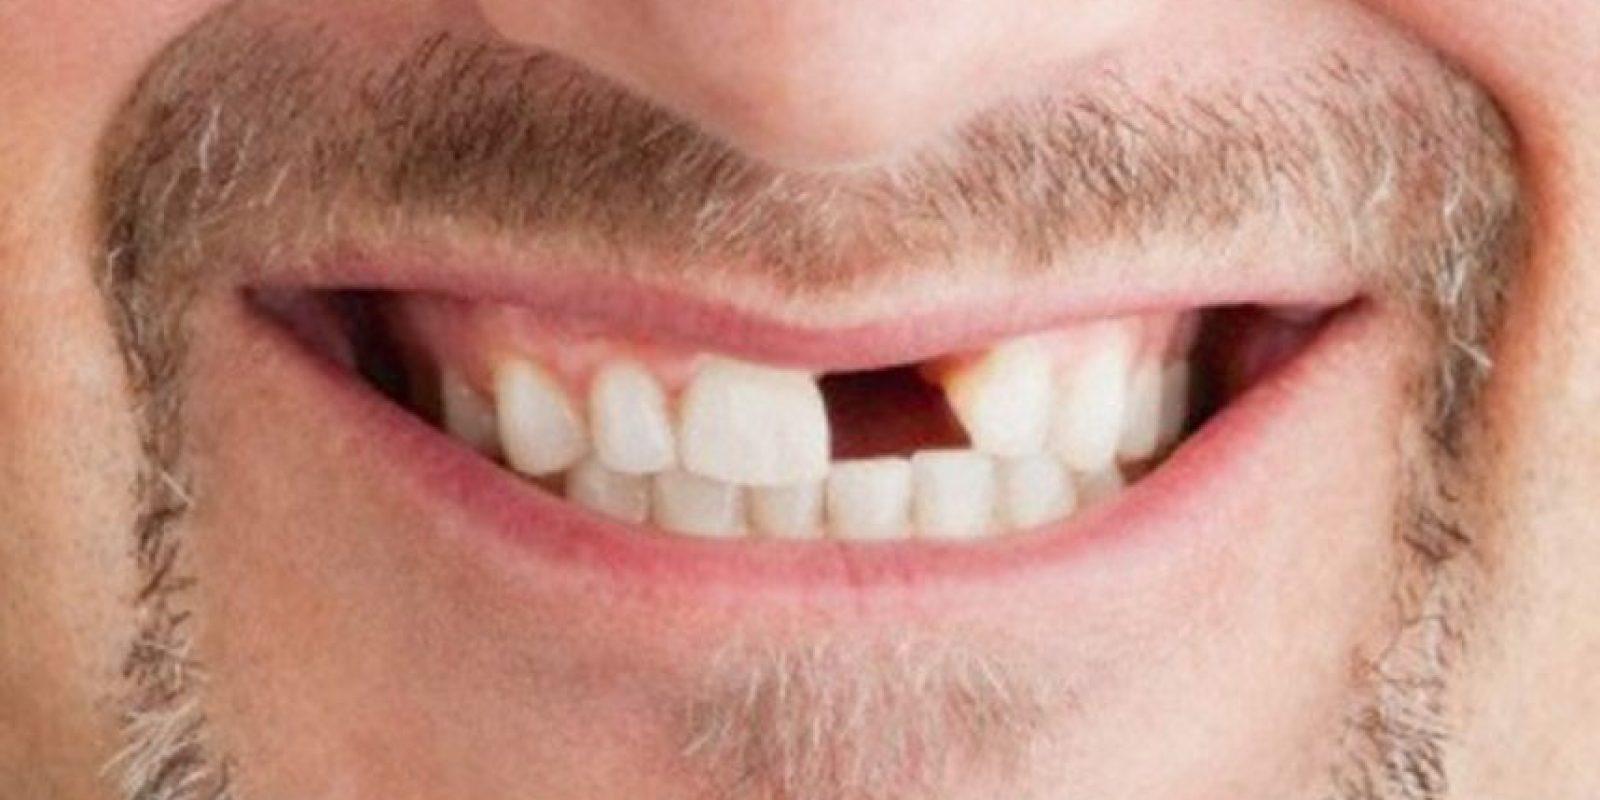 14 dentaduras peores que el sueño de perder los dientes Foto:Pinterest